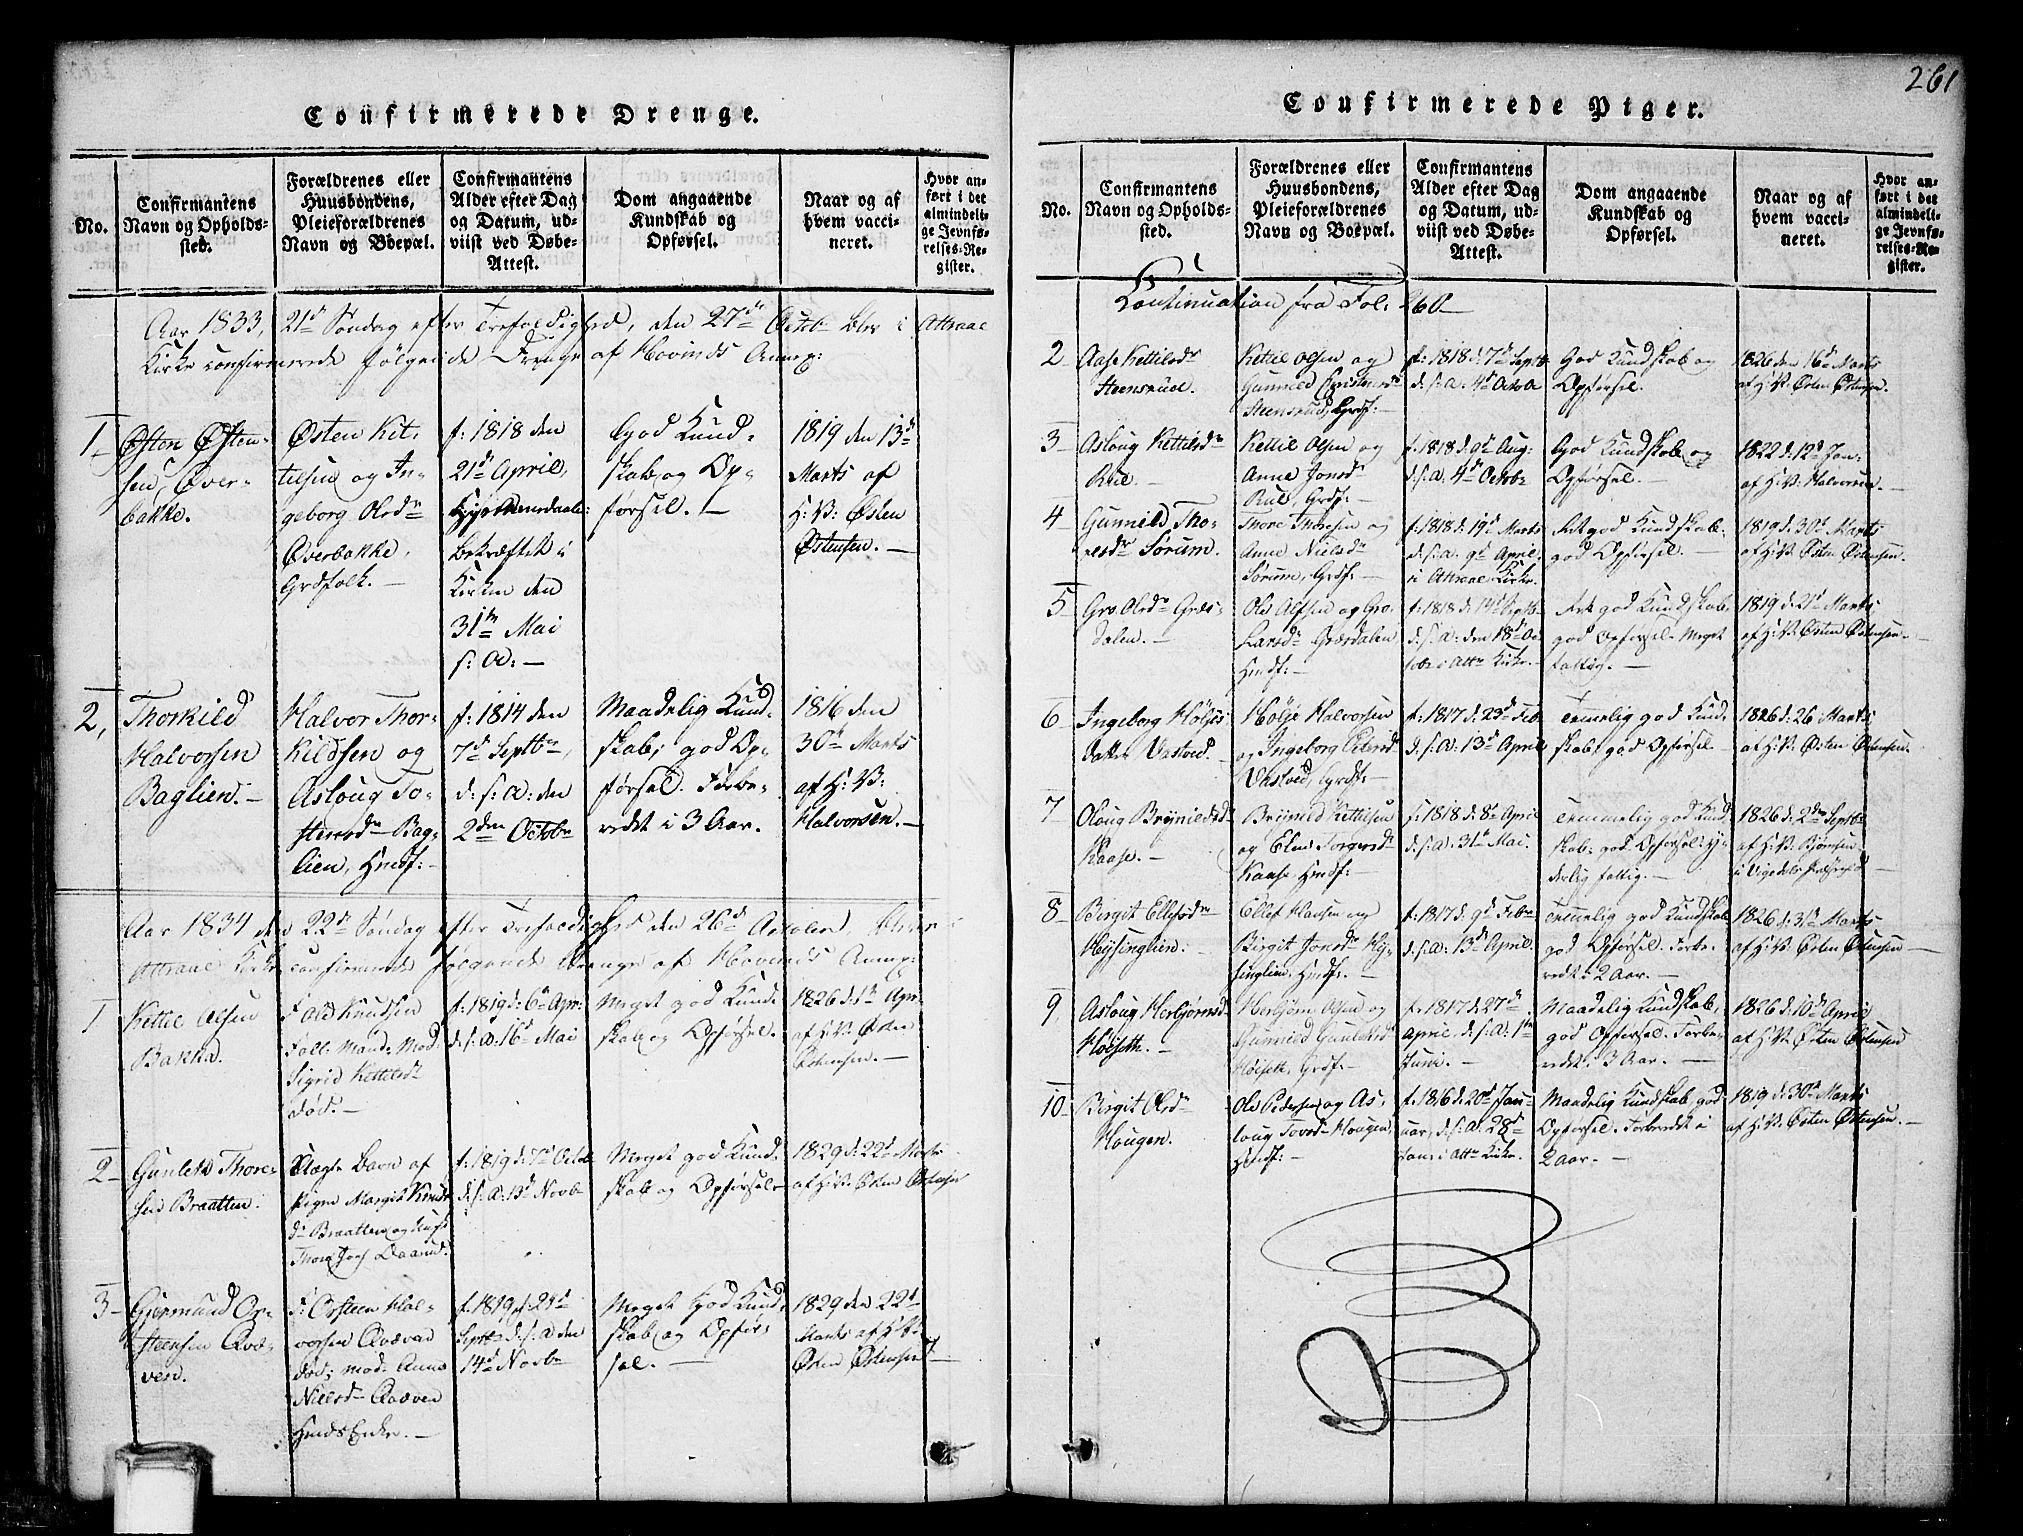 SAKO, Gransherad kirkebøker, G/Gb/L0001: Klokkerbok nr. II 1, 1815-1860, s. 261